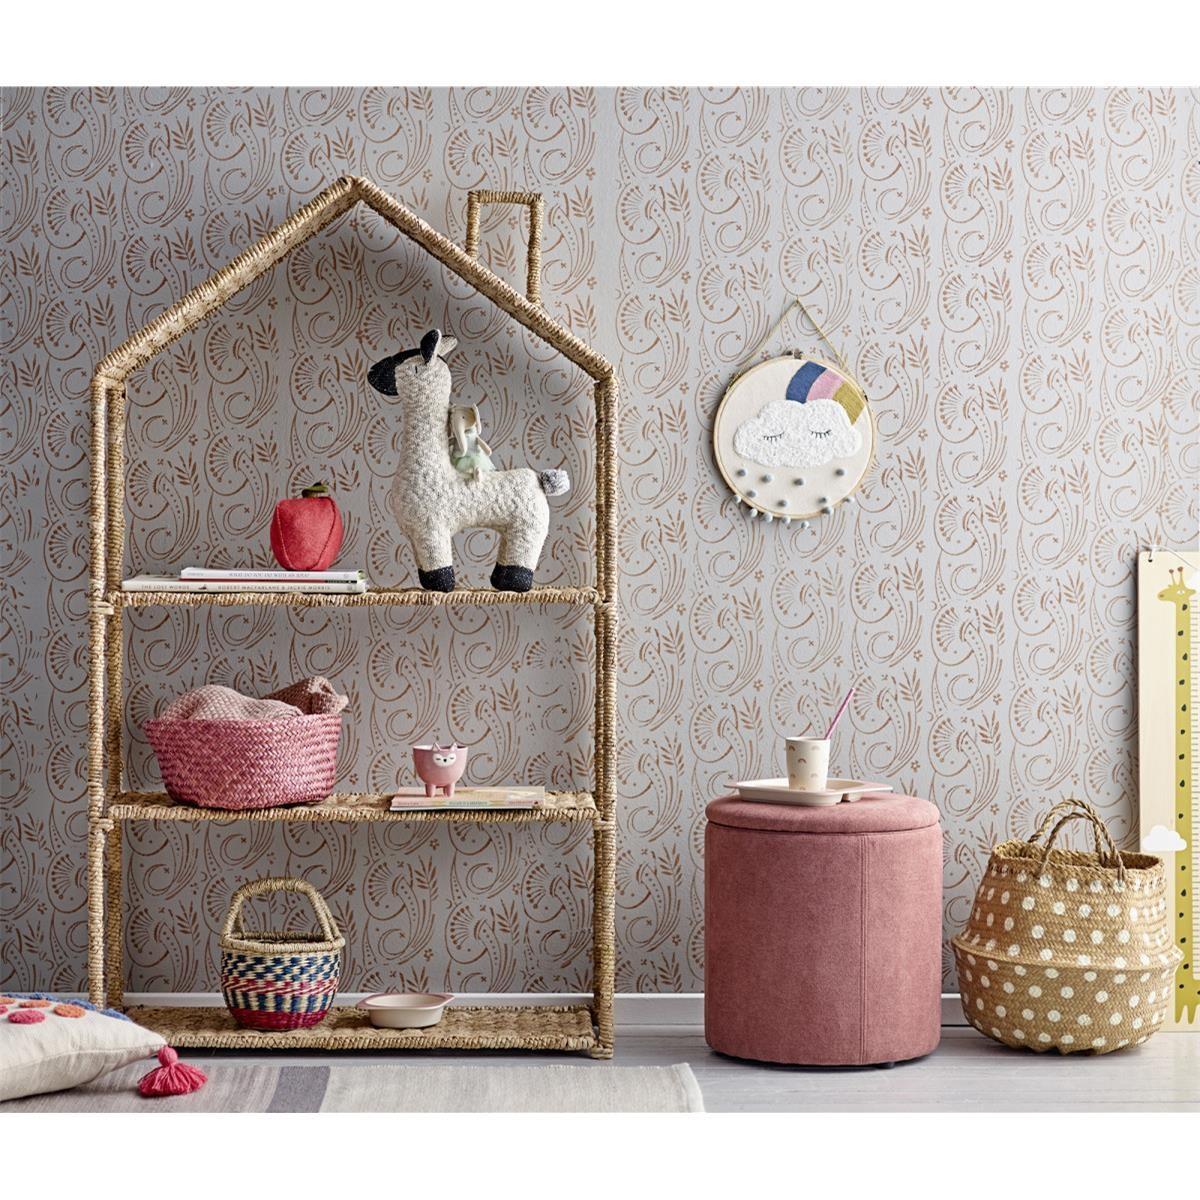 Nástěnná dekorace do dětského pokoje P.28 cm - mráček s duhou_0